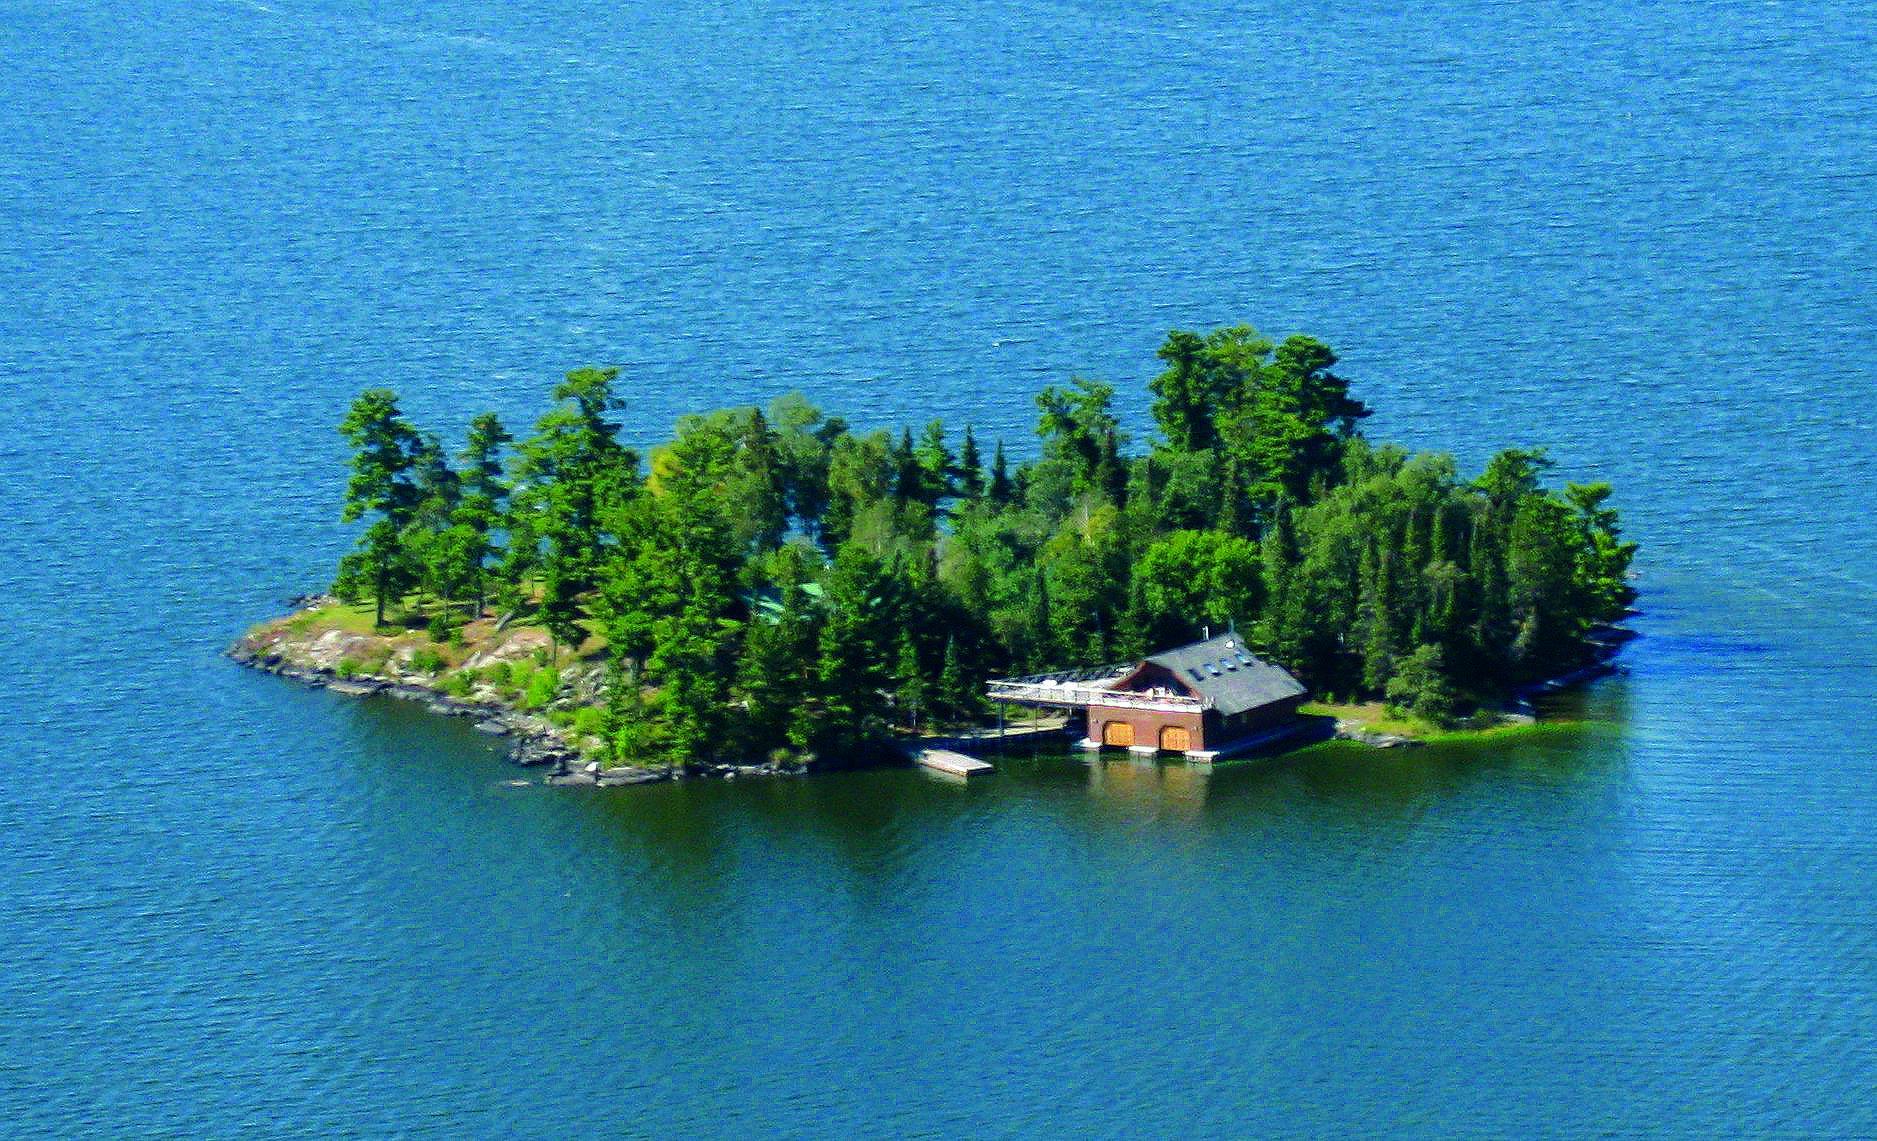 Shore Island Northern Ontario Ontario Canada